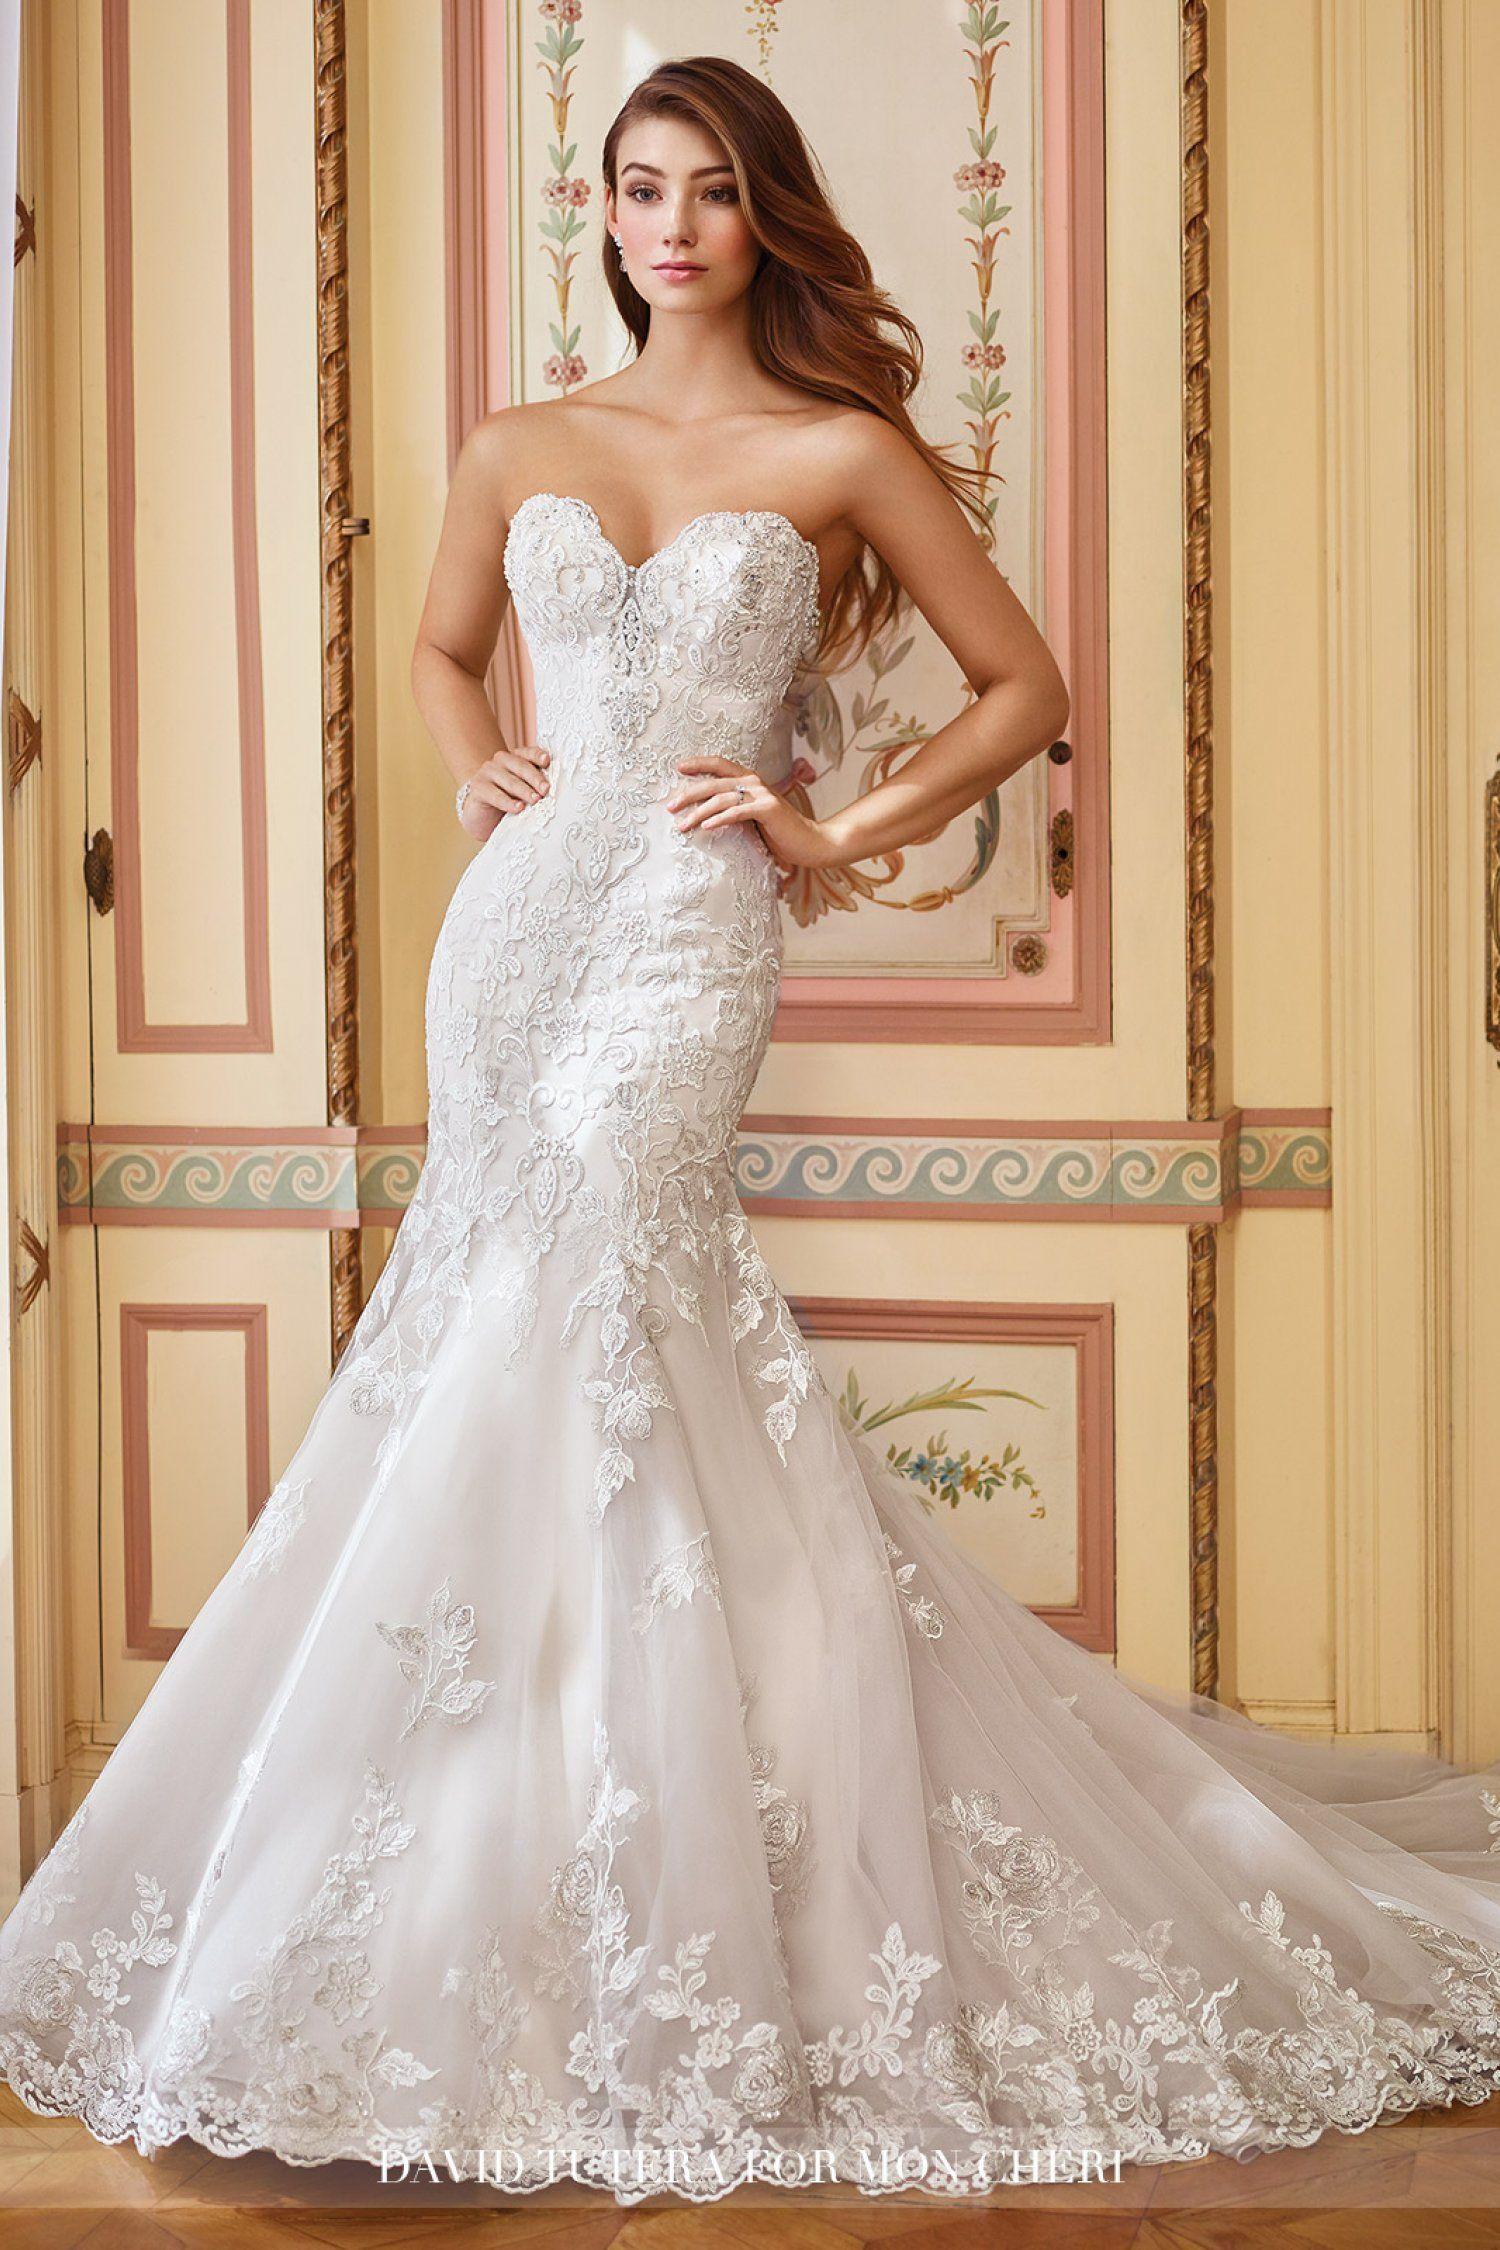 David wedding dress  David Tutera for Mon Cheri   Danae  Wedding dresses